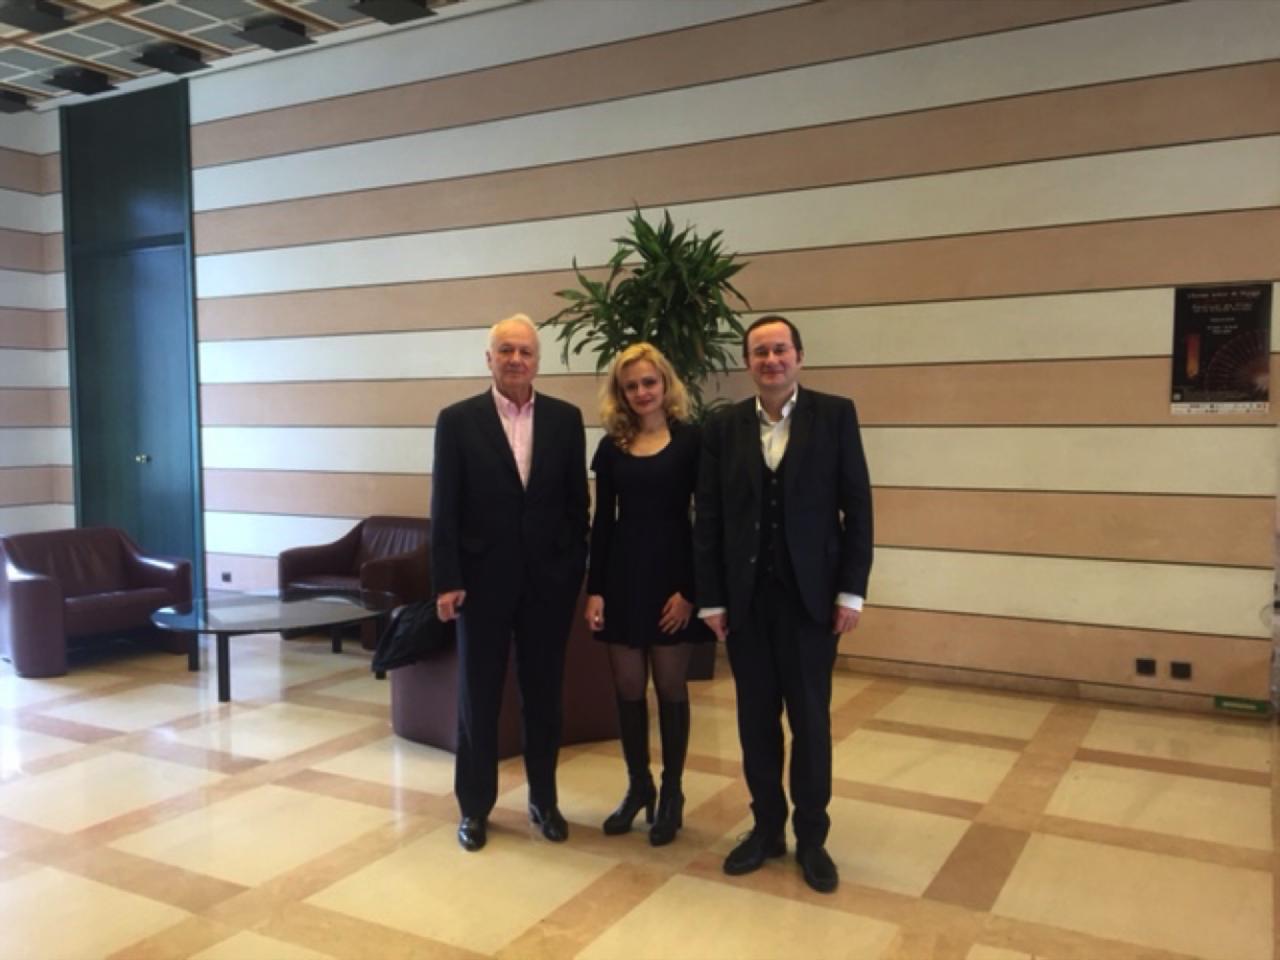 Conférence-débat avec M. Cavada - PARLEMENT'2015